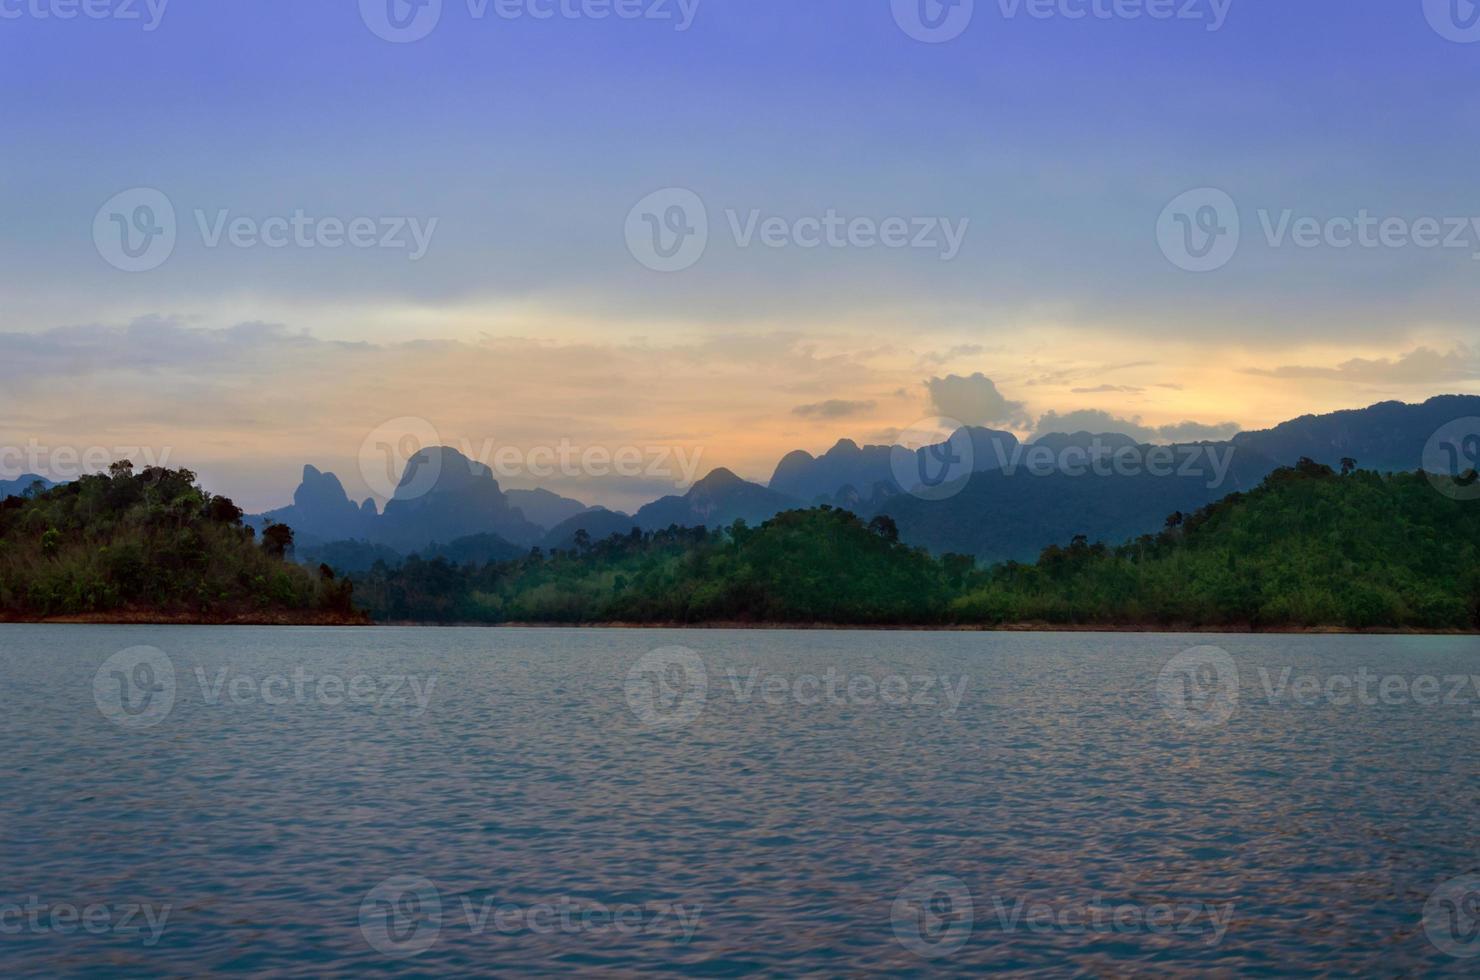 montanhas e atrações naturais do rio represa de ratchaprapha, surat foto